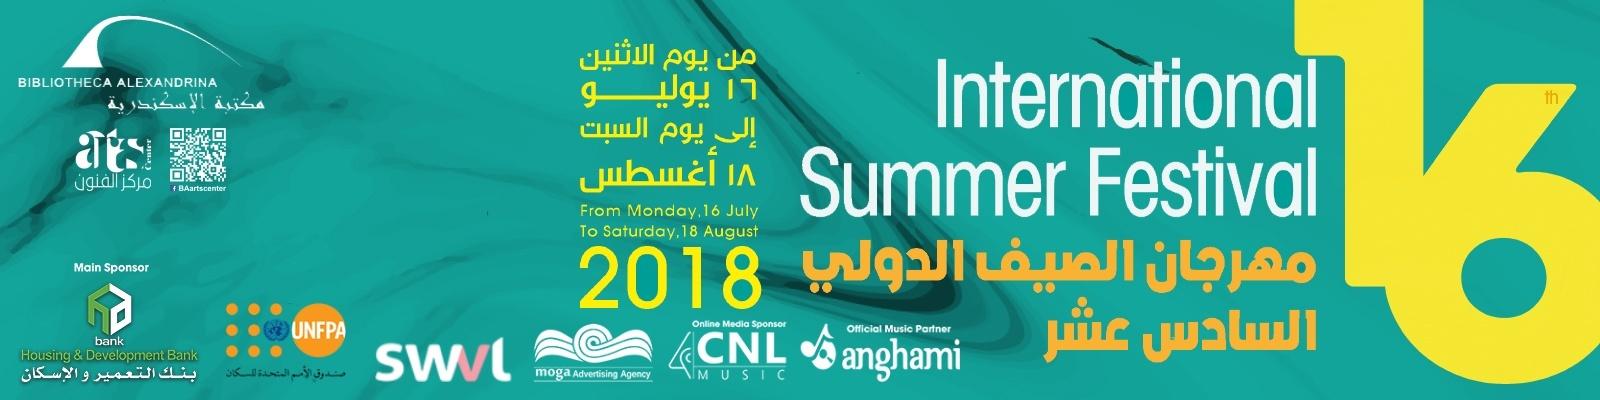 مهرجان الصيف الدولي السادس عشر